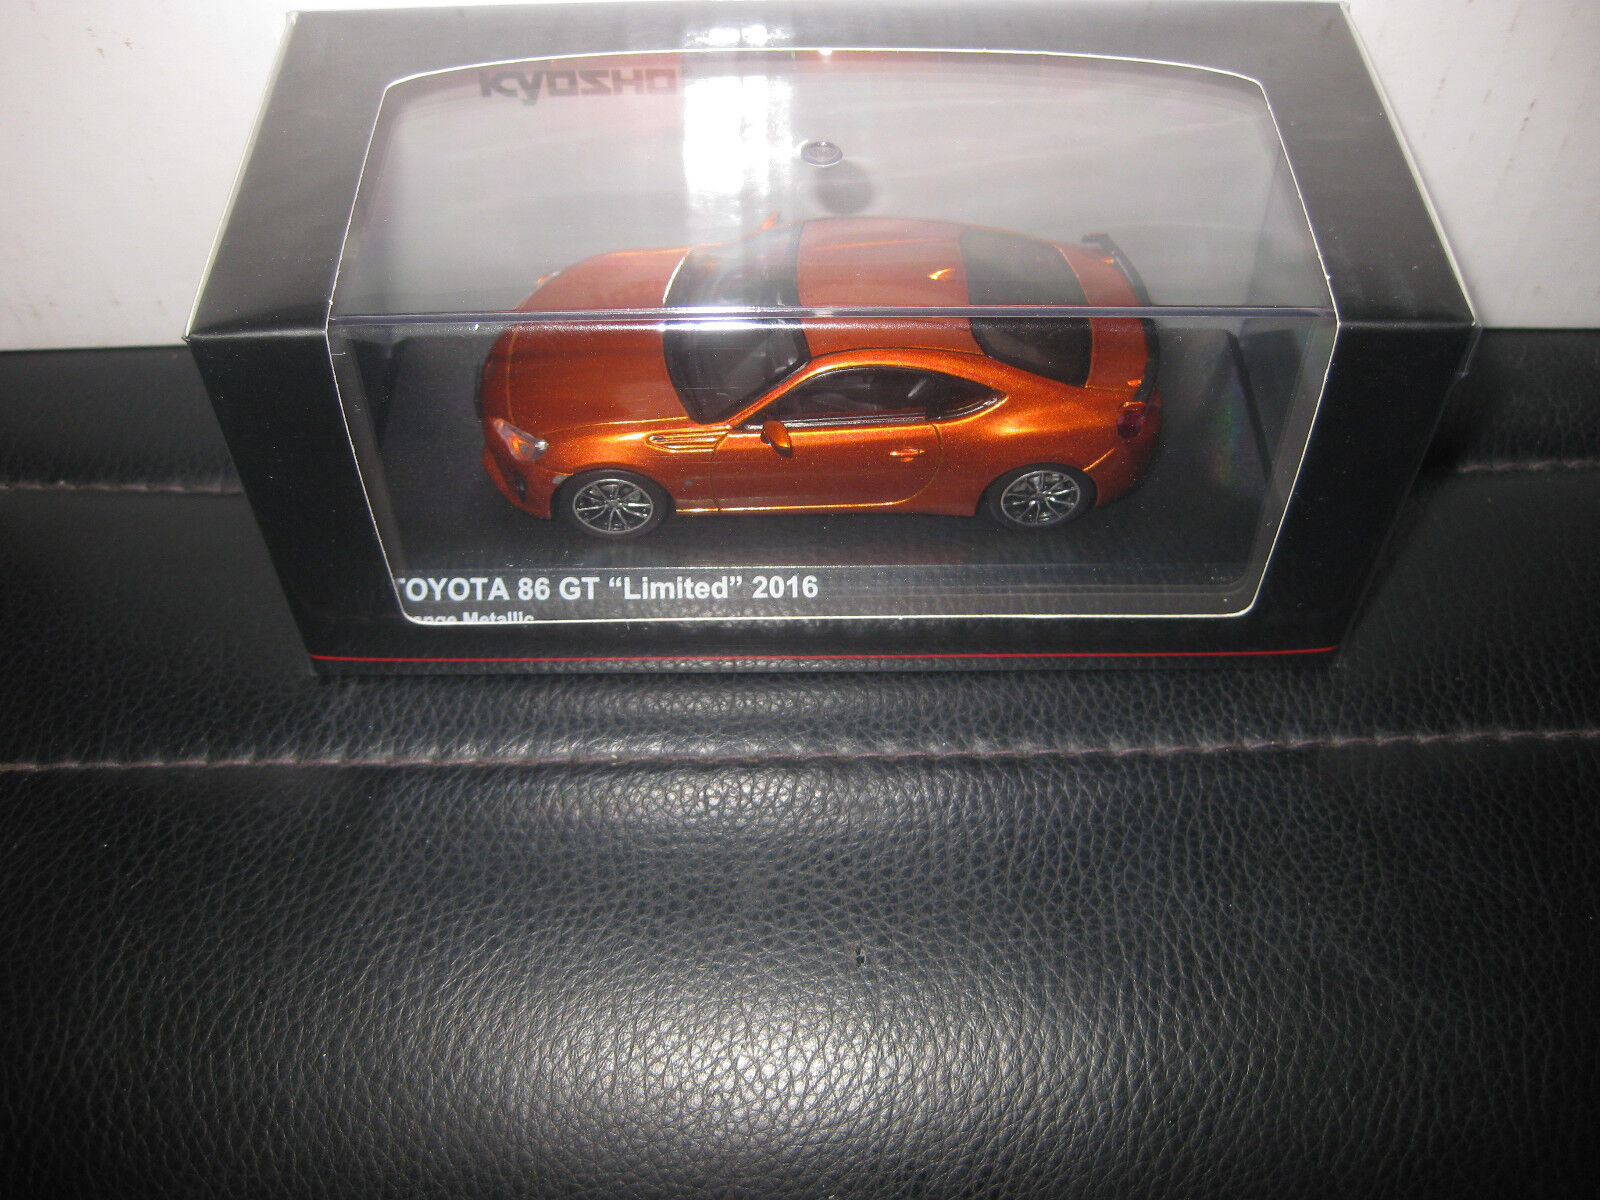 solo per te KYOSHO KYOSHO KYOSHO 1 43 giocattoloOTA 86 GT LIMITED 2016 arancia METtuttiIC AWESOME modello auto  03895P  Sconto del 70% a buon mercato